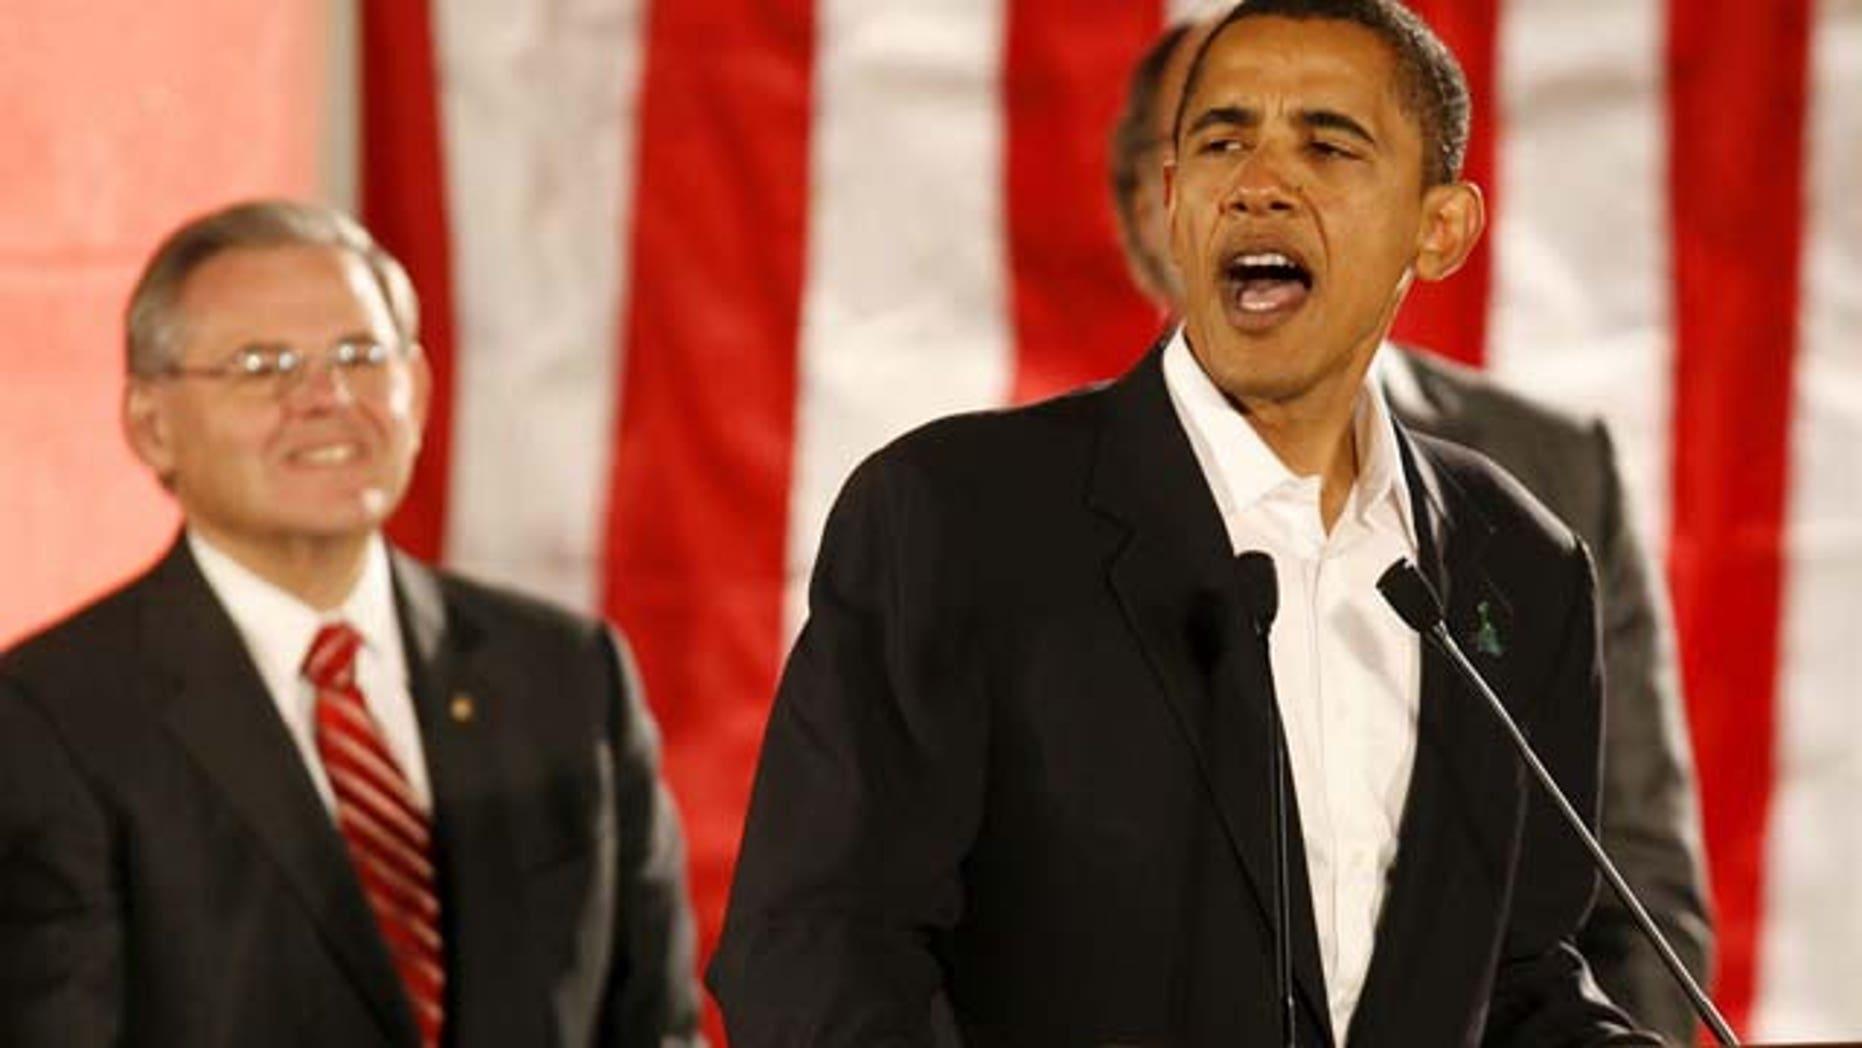 EEUU - ELECCIONES:NYK807 HOBOKEN (NJ, EEUU) 02/11/06 .- El senador estadounidense Barack Obama (d), demócrata por el estado de Illinois, habla durante una campaña política por el candidato Bob Menendez, demócrata-Nueva Jersey, en Hoboken, Nueva Jersey, jueves 2 de noviembre. Menendez está postulado para la reelección compitiendo con Tom Kean por uno de los dos escaños en el senado estadounidense por el estado de Nueva Jersey. EFE/ANDREW GOMBERT (Newscom TagID: efespthree583327) [Photo via Newscom]